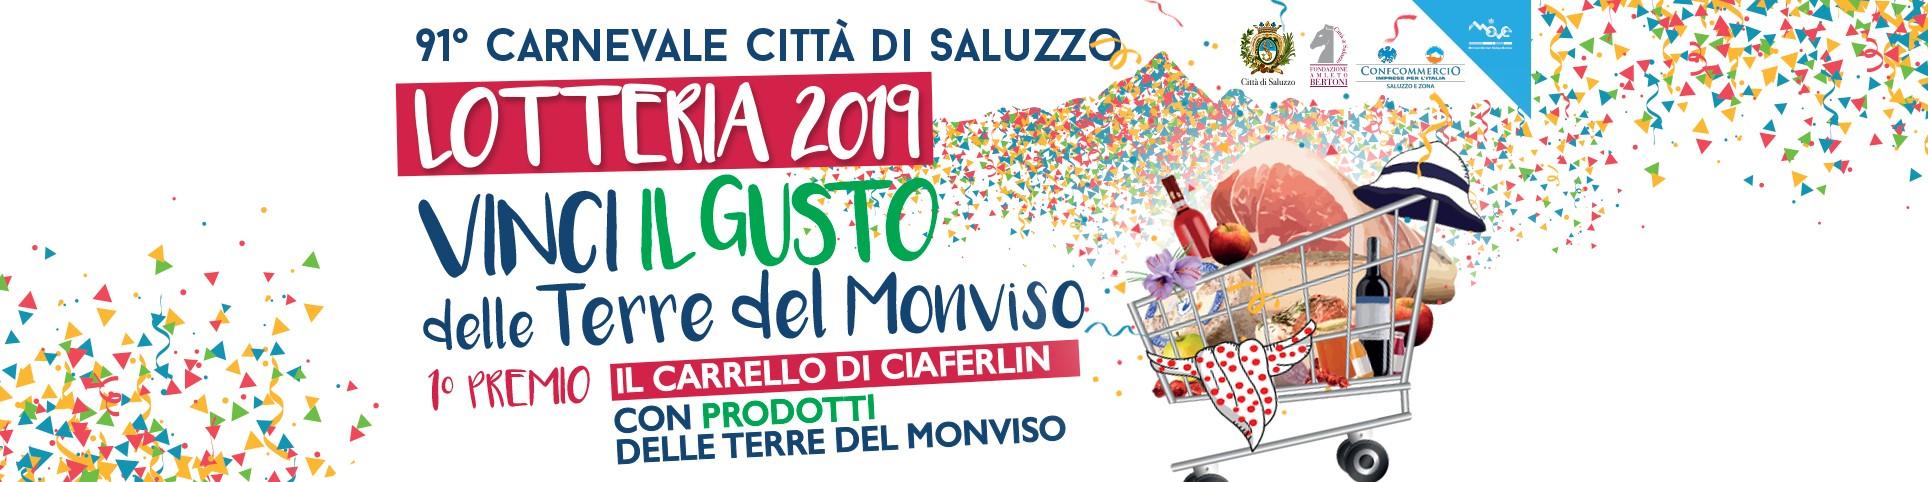 """LOTTERIA di CARNEVALE 2019 VINCI IL GUSTO DELLE """"TERRE DEL MONVISO"""" 🗓 🗺"""